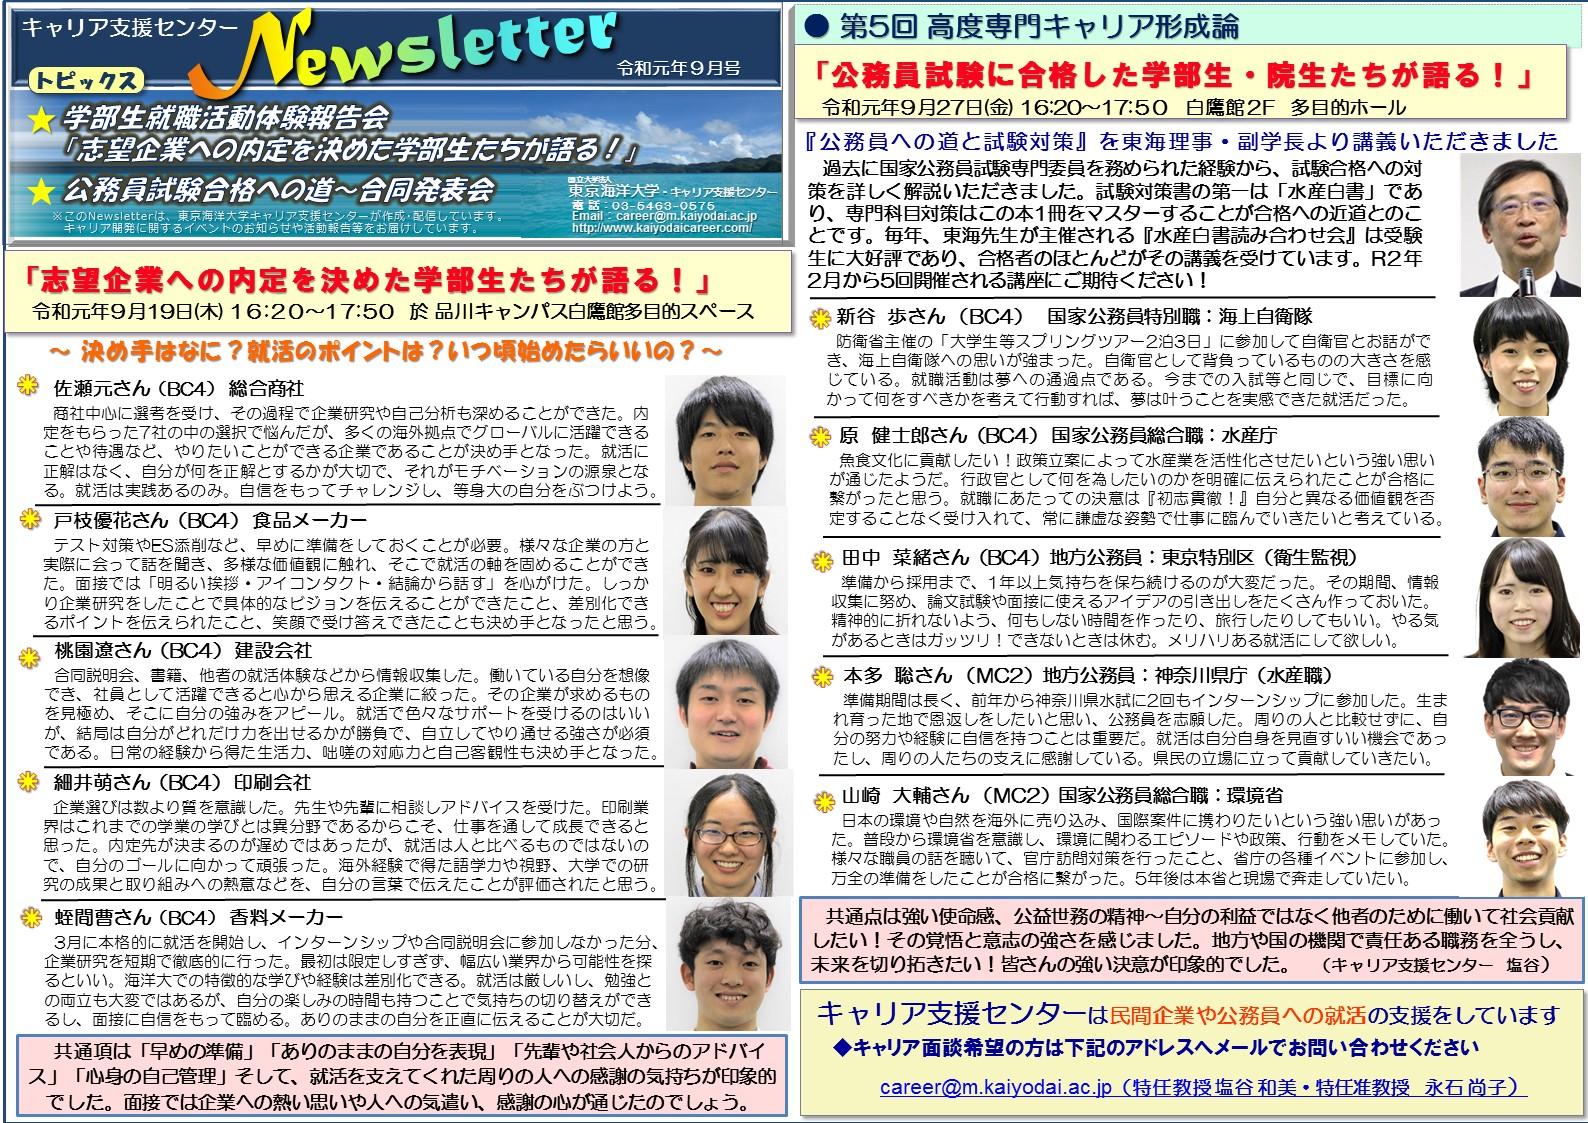 https://www.kaiyodaicareer.com/img/Newsletter2019-09%20%281%29.jpg